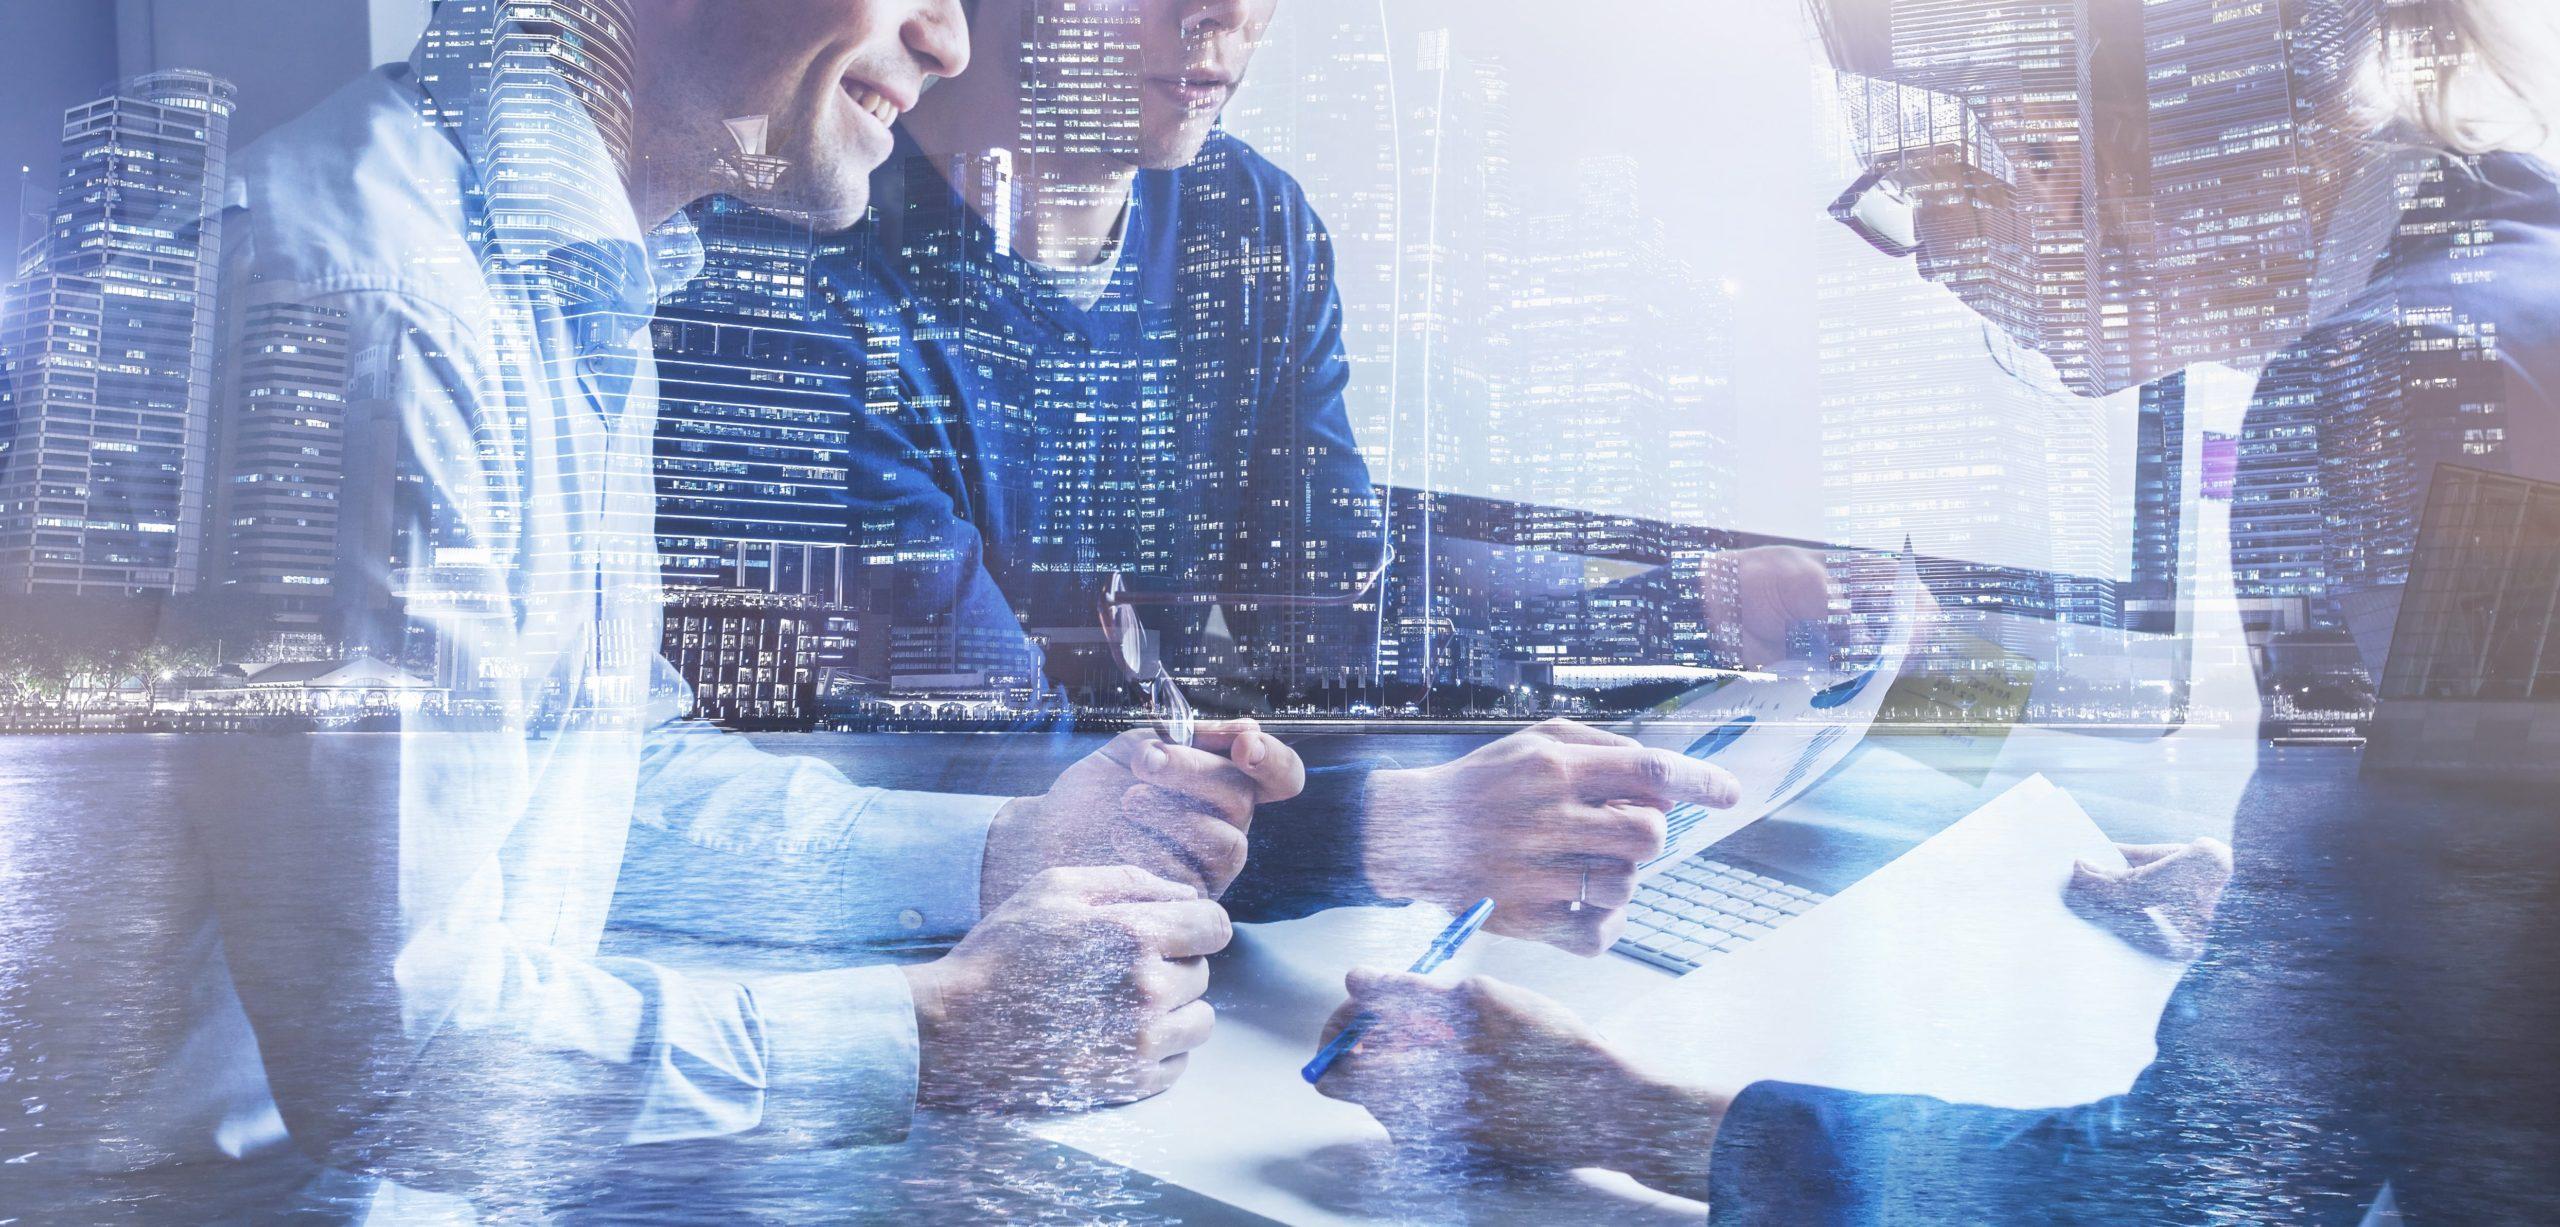 El aumento de la oferta en Formación sobre Big Data en las Escuelas de Negocio